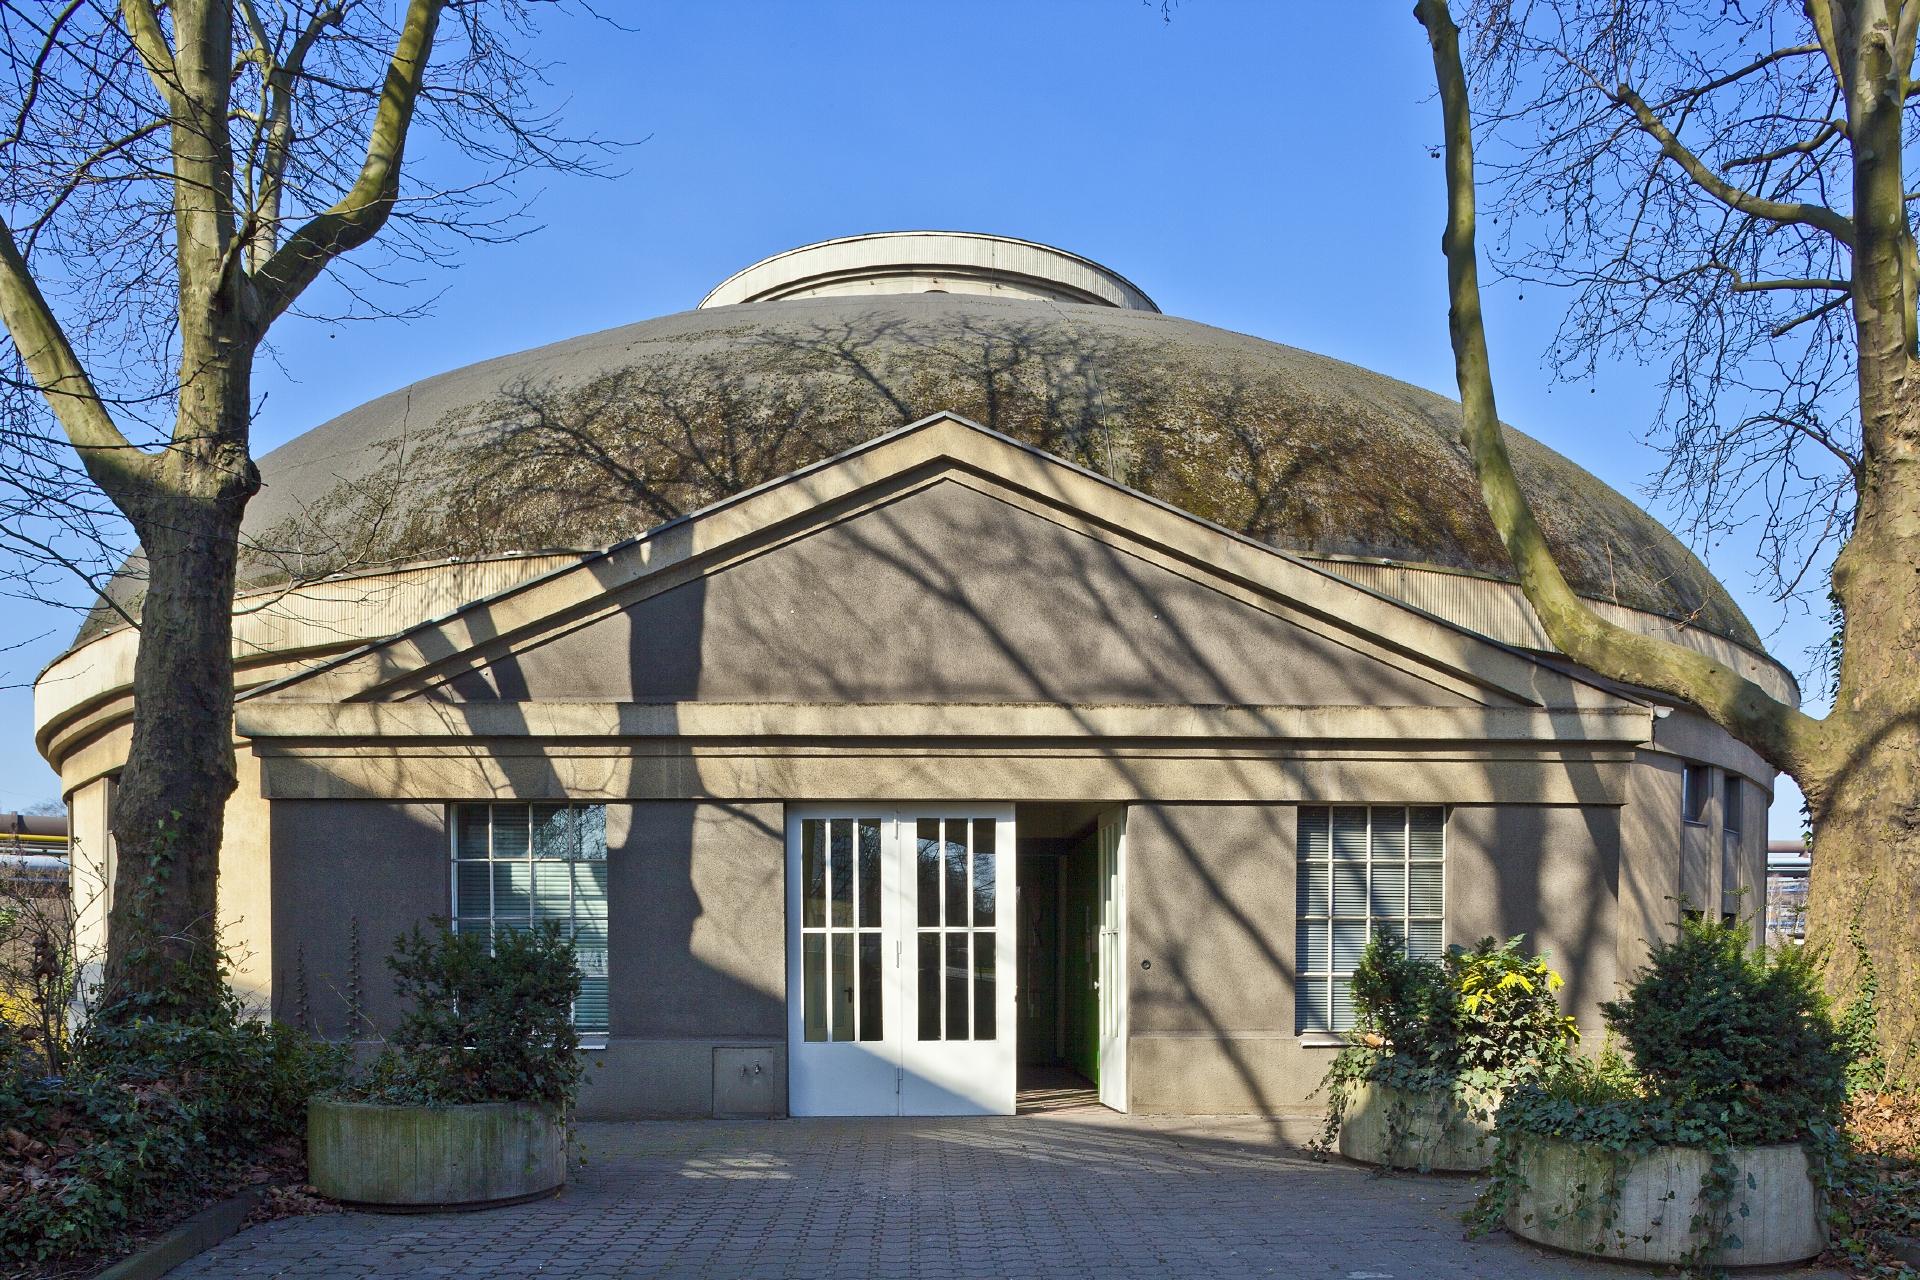 Prachtvoll: Das Pumpwerk Alte Emscher in Duisburg-Beeck von 1914 ist nicht nur unser erstes Pumpwerk, sondern bis heute eines der schönsten Bauwerke entlang der Emscher. Foto: Klaus Baumers/EGLV